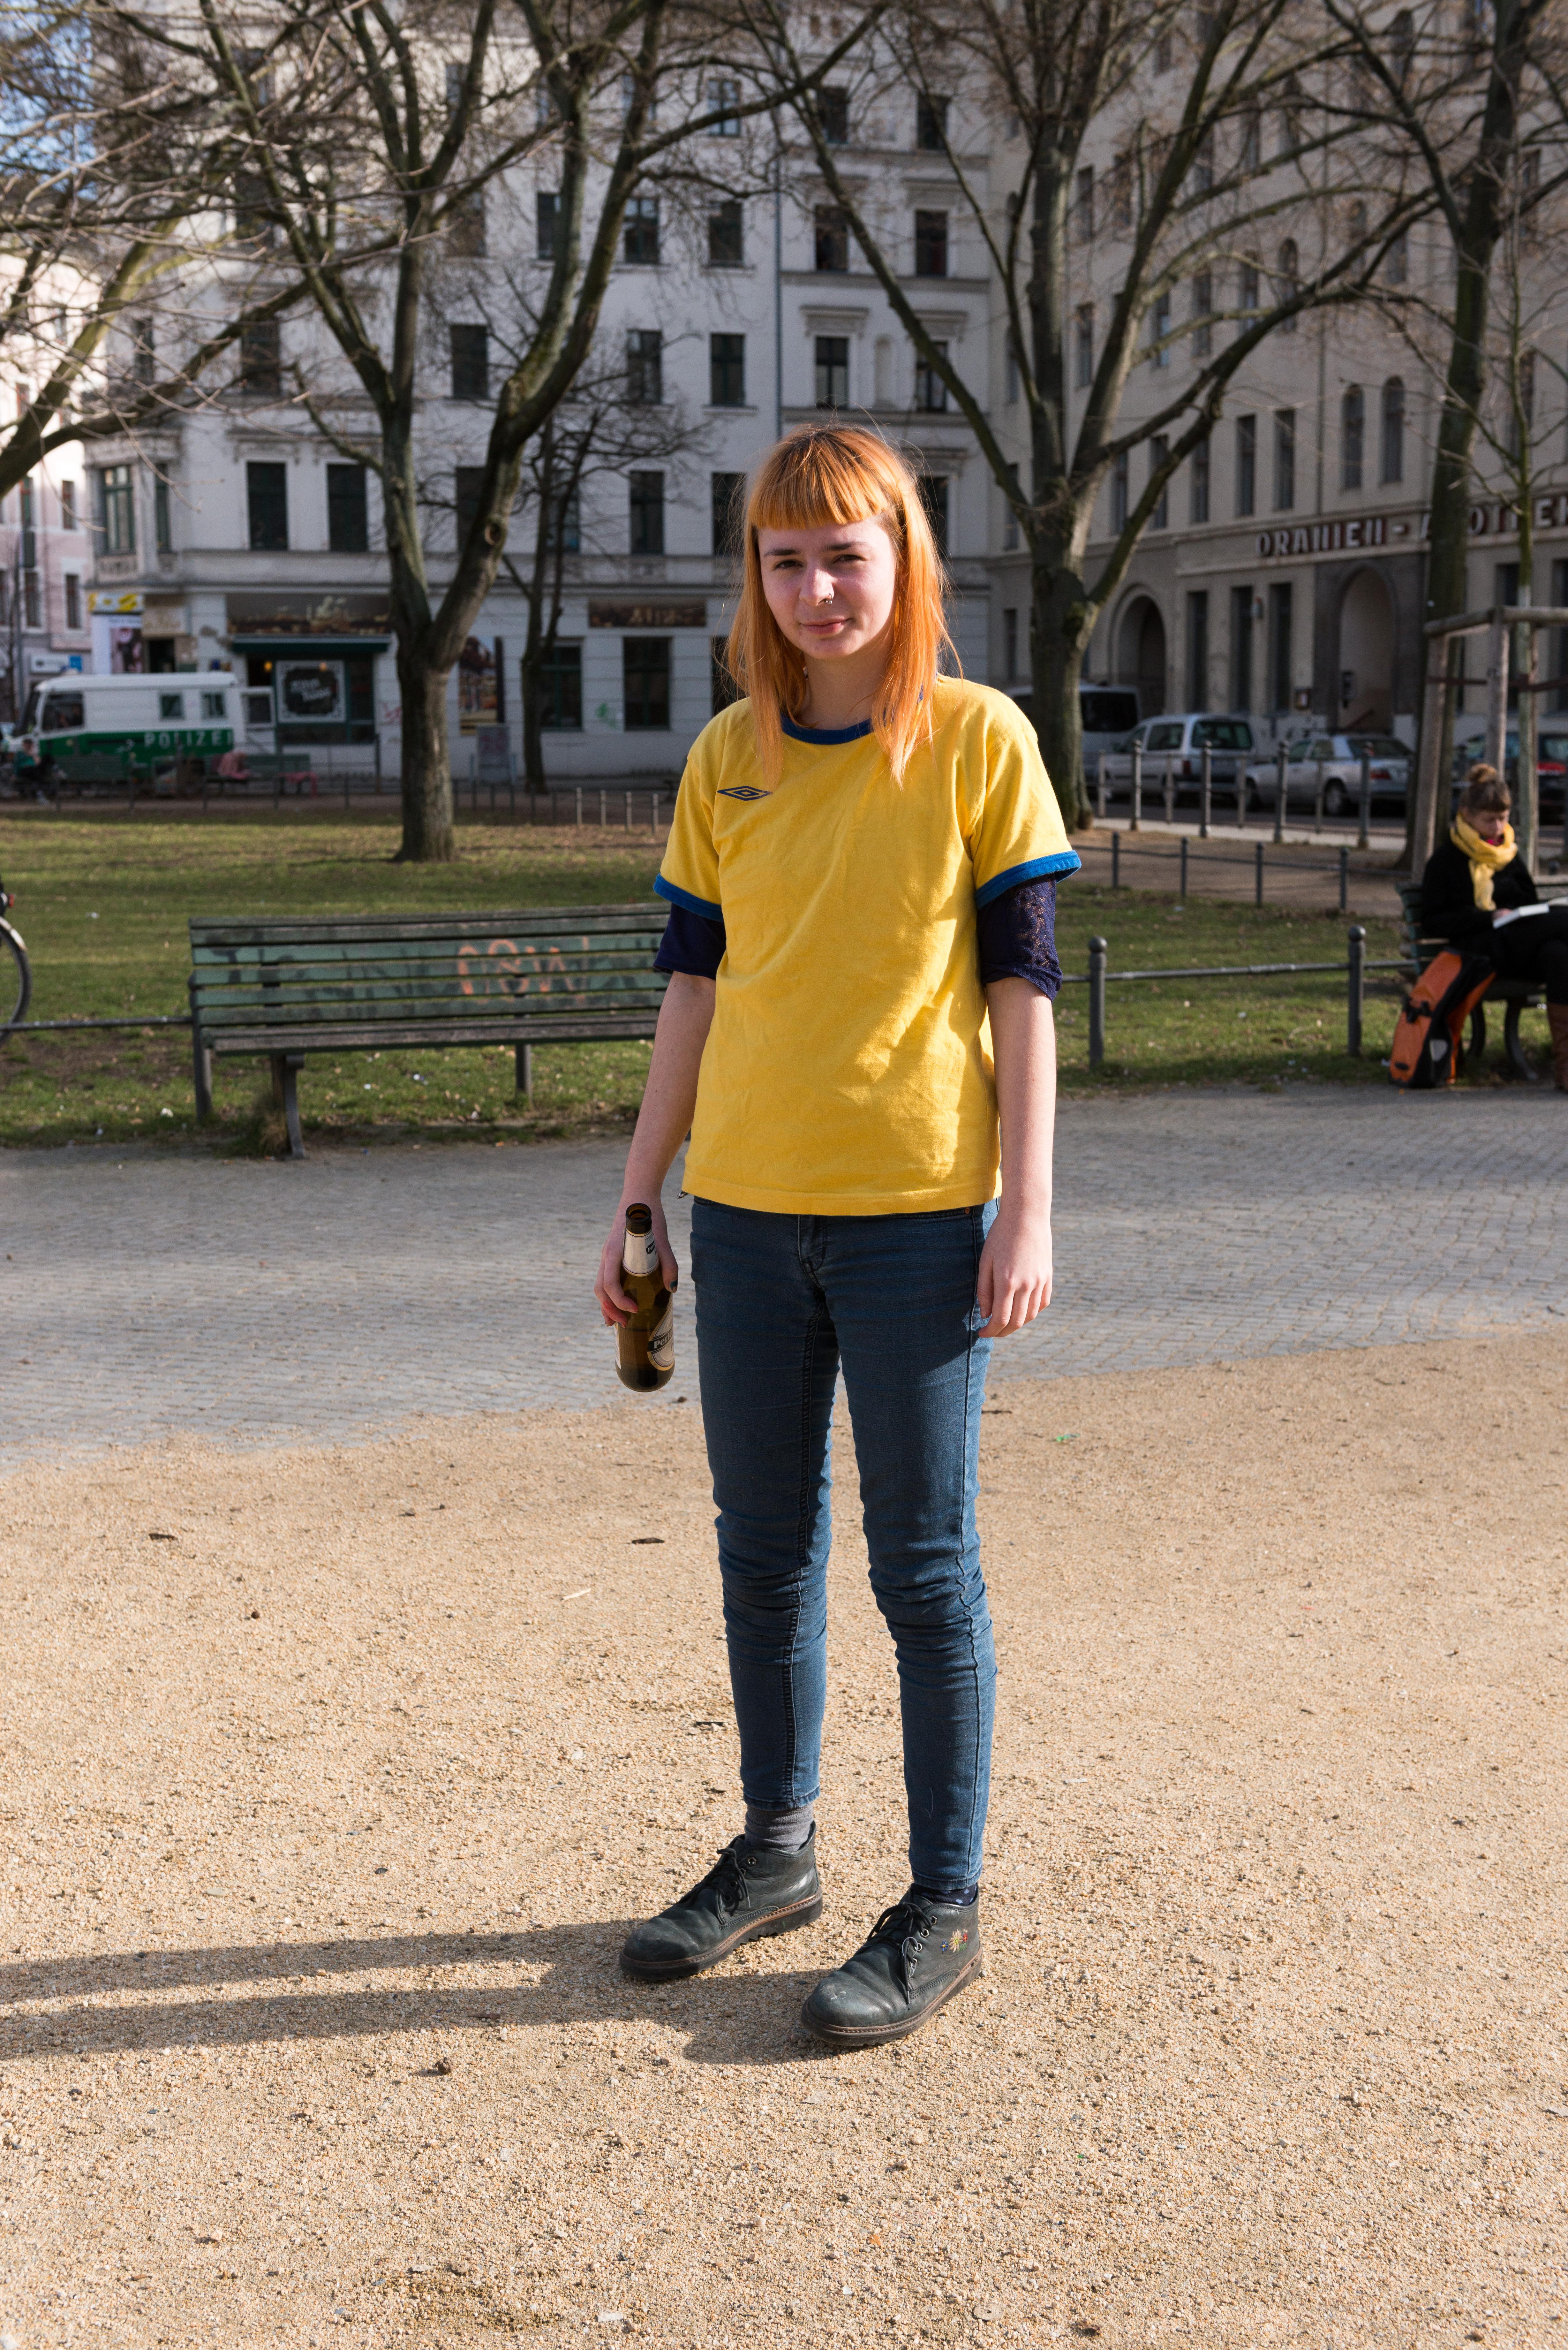 Tekk Back Da O-Platz * Act I, Oranienplatz, 5.3.2017